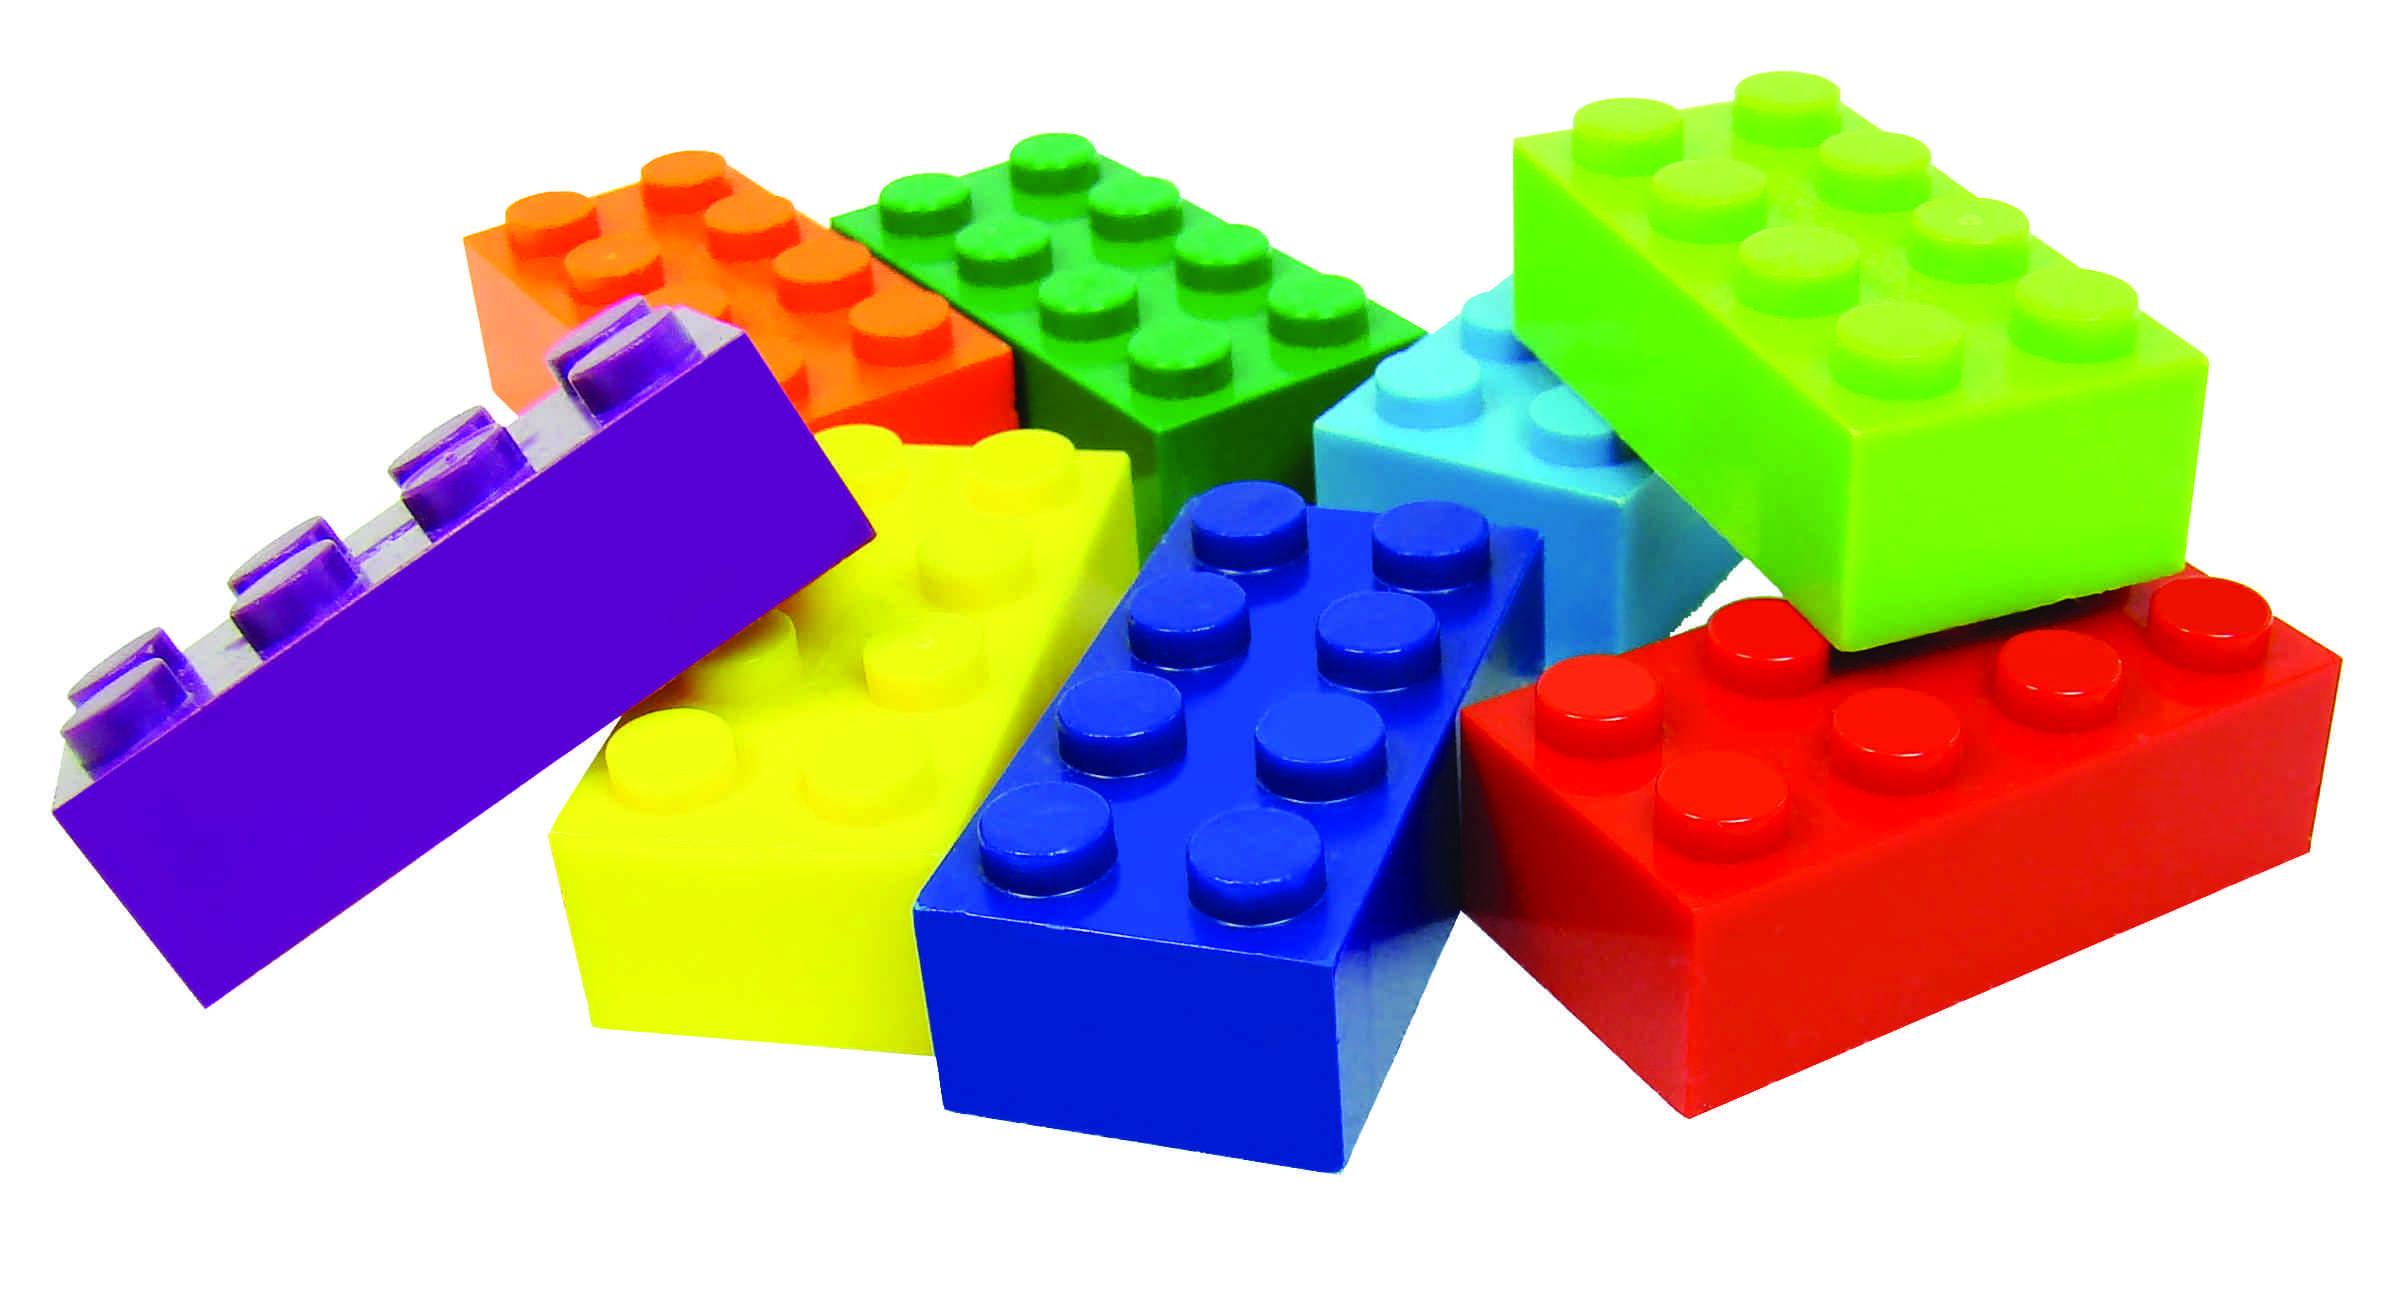 Brick at getdrawings com. Lego clipart